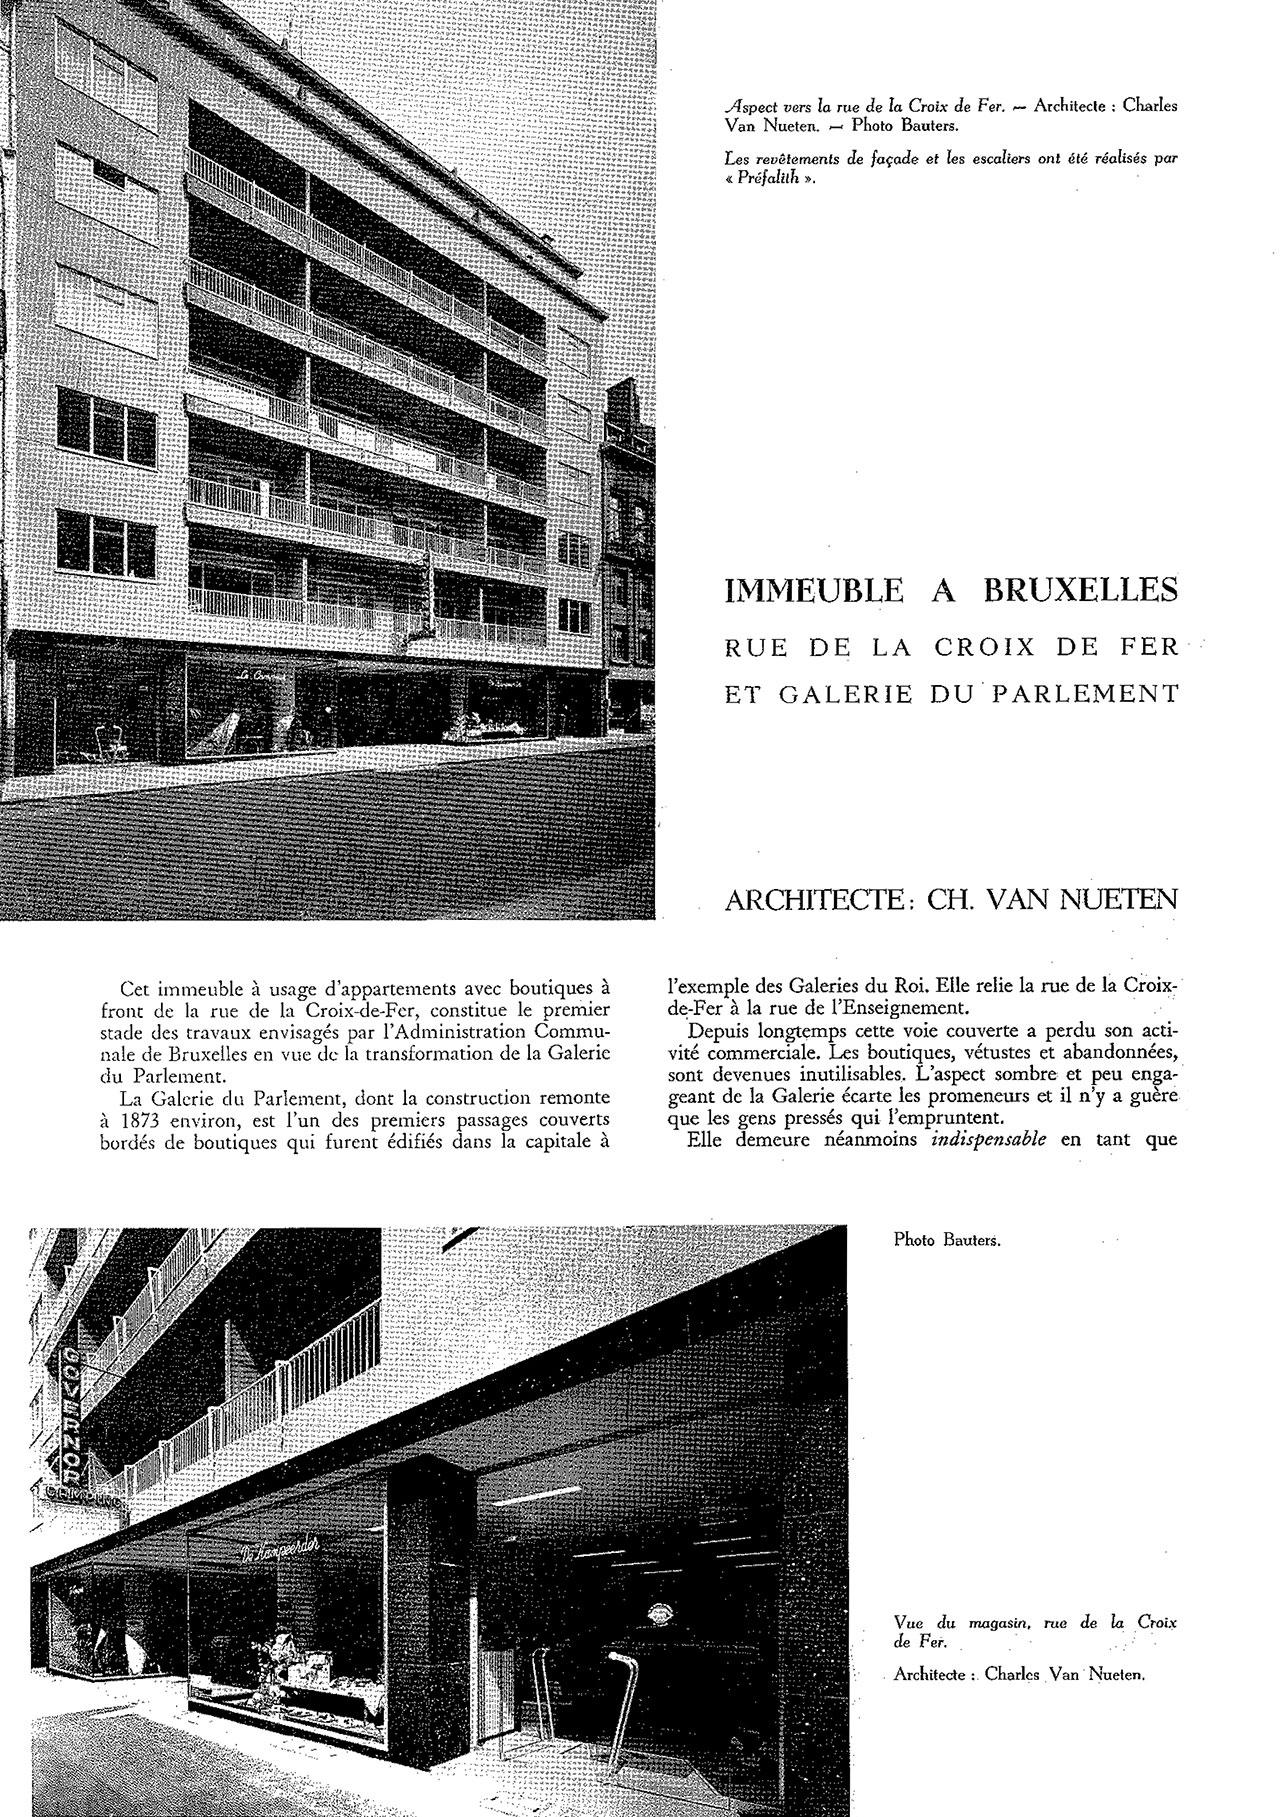 Immeuble à Bruxelles